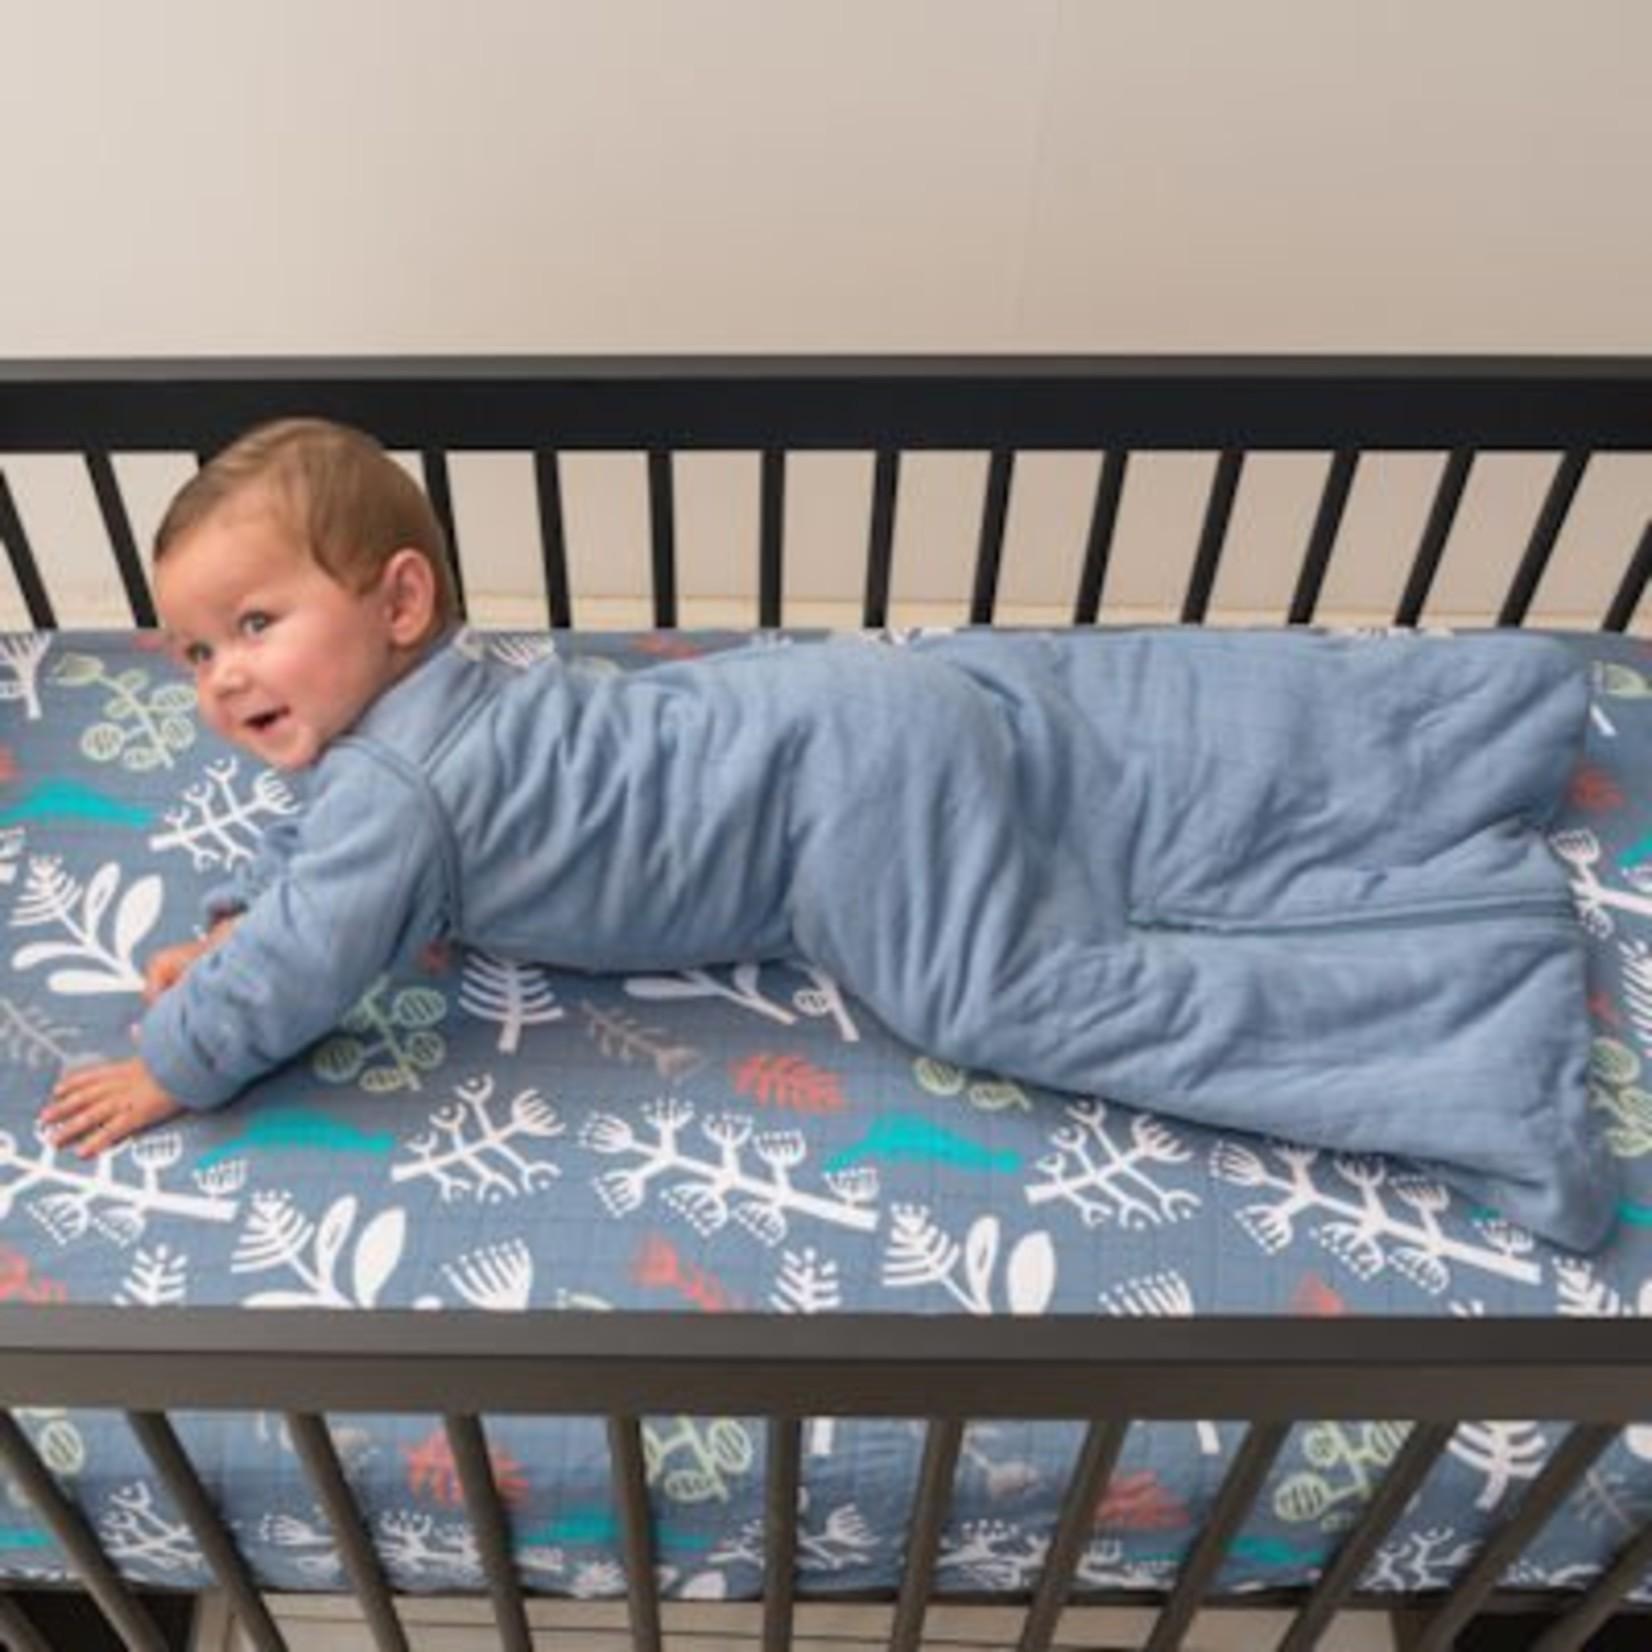 Lodger 4 Seizoenen slaapzak baby (winter met mouwen)  Solid Ocean 86/98